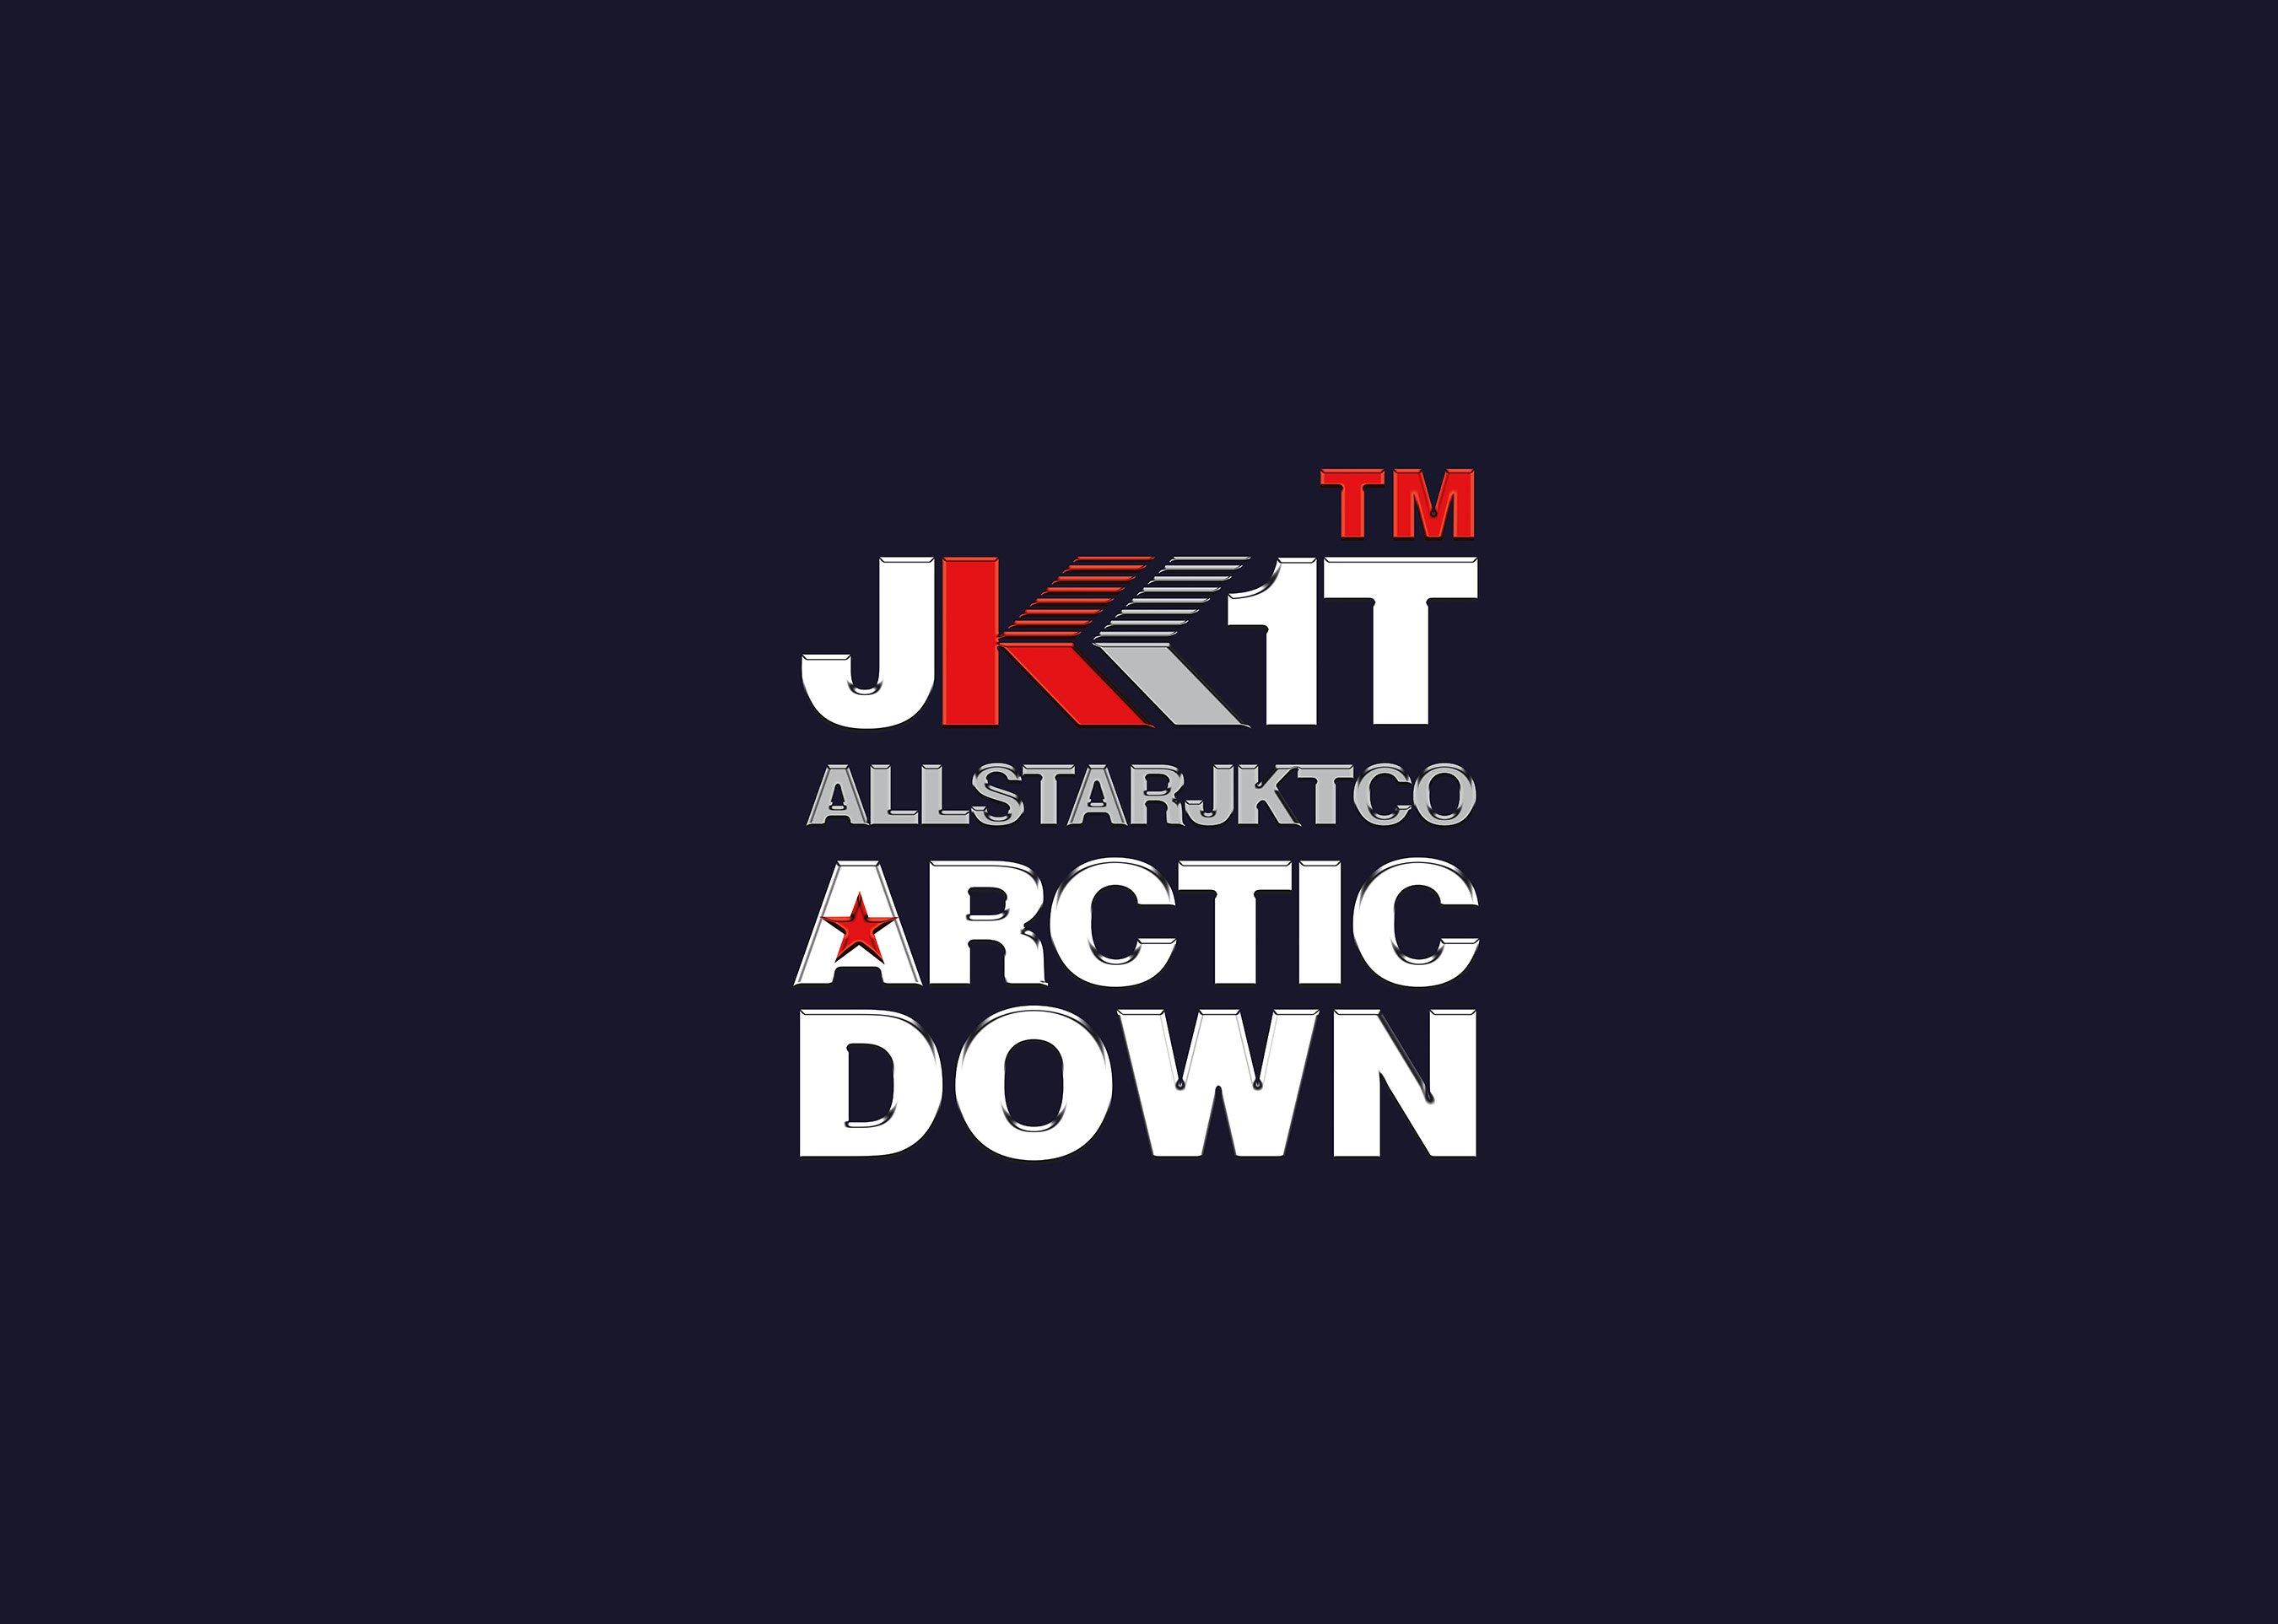 Jack1t™ Arctic Down (HOMME)